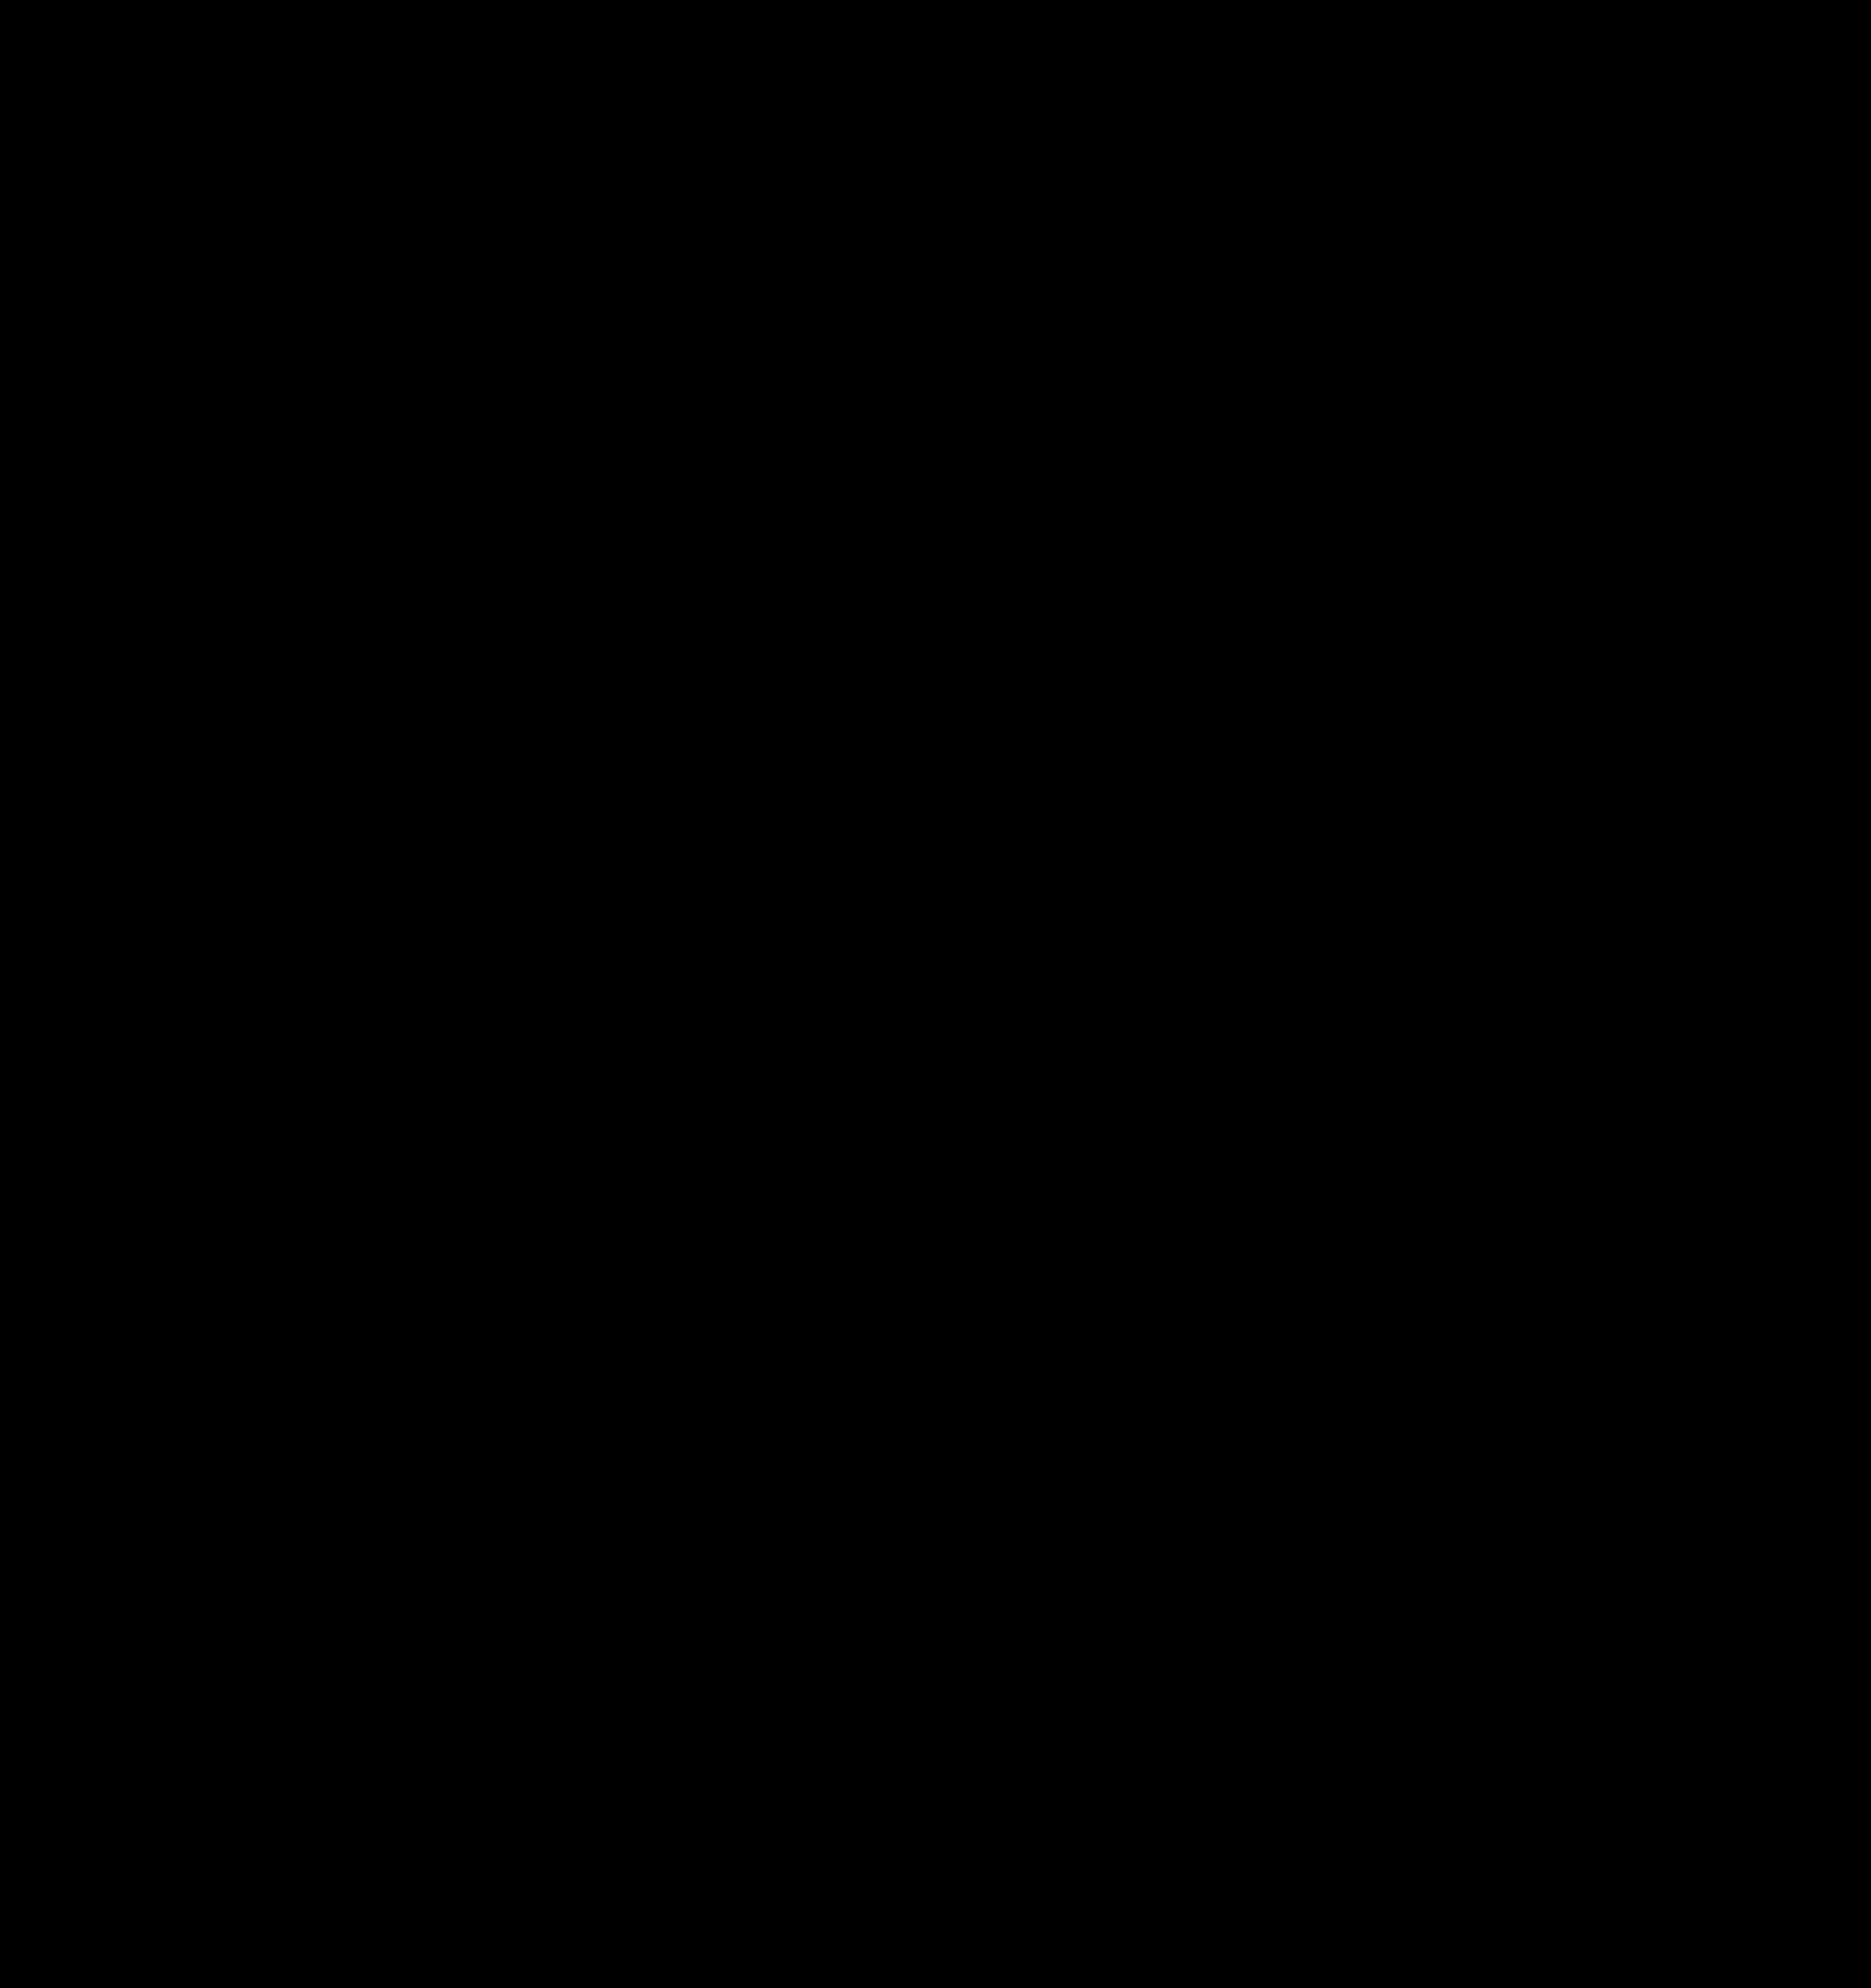 Flapper silhouette clip art. Nose clipart woman's